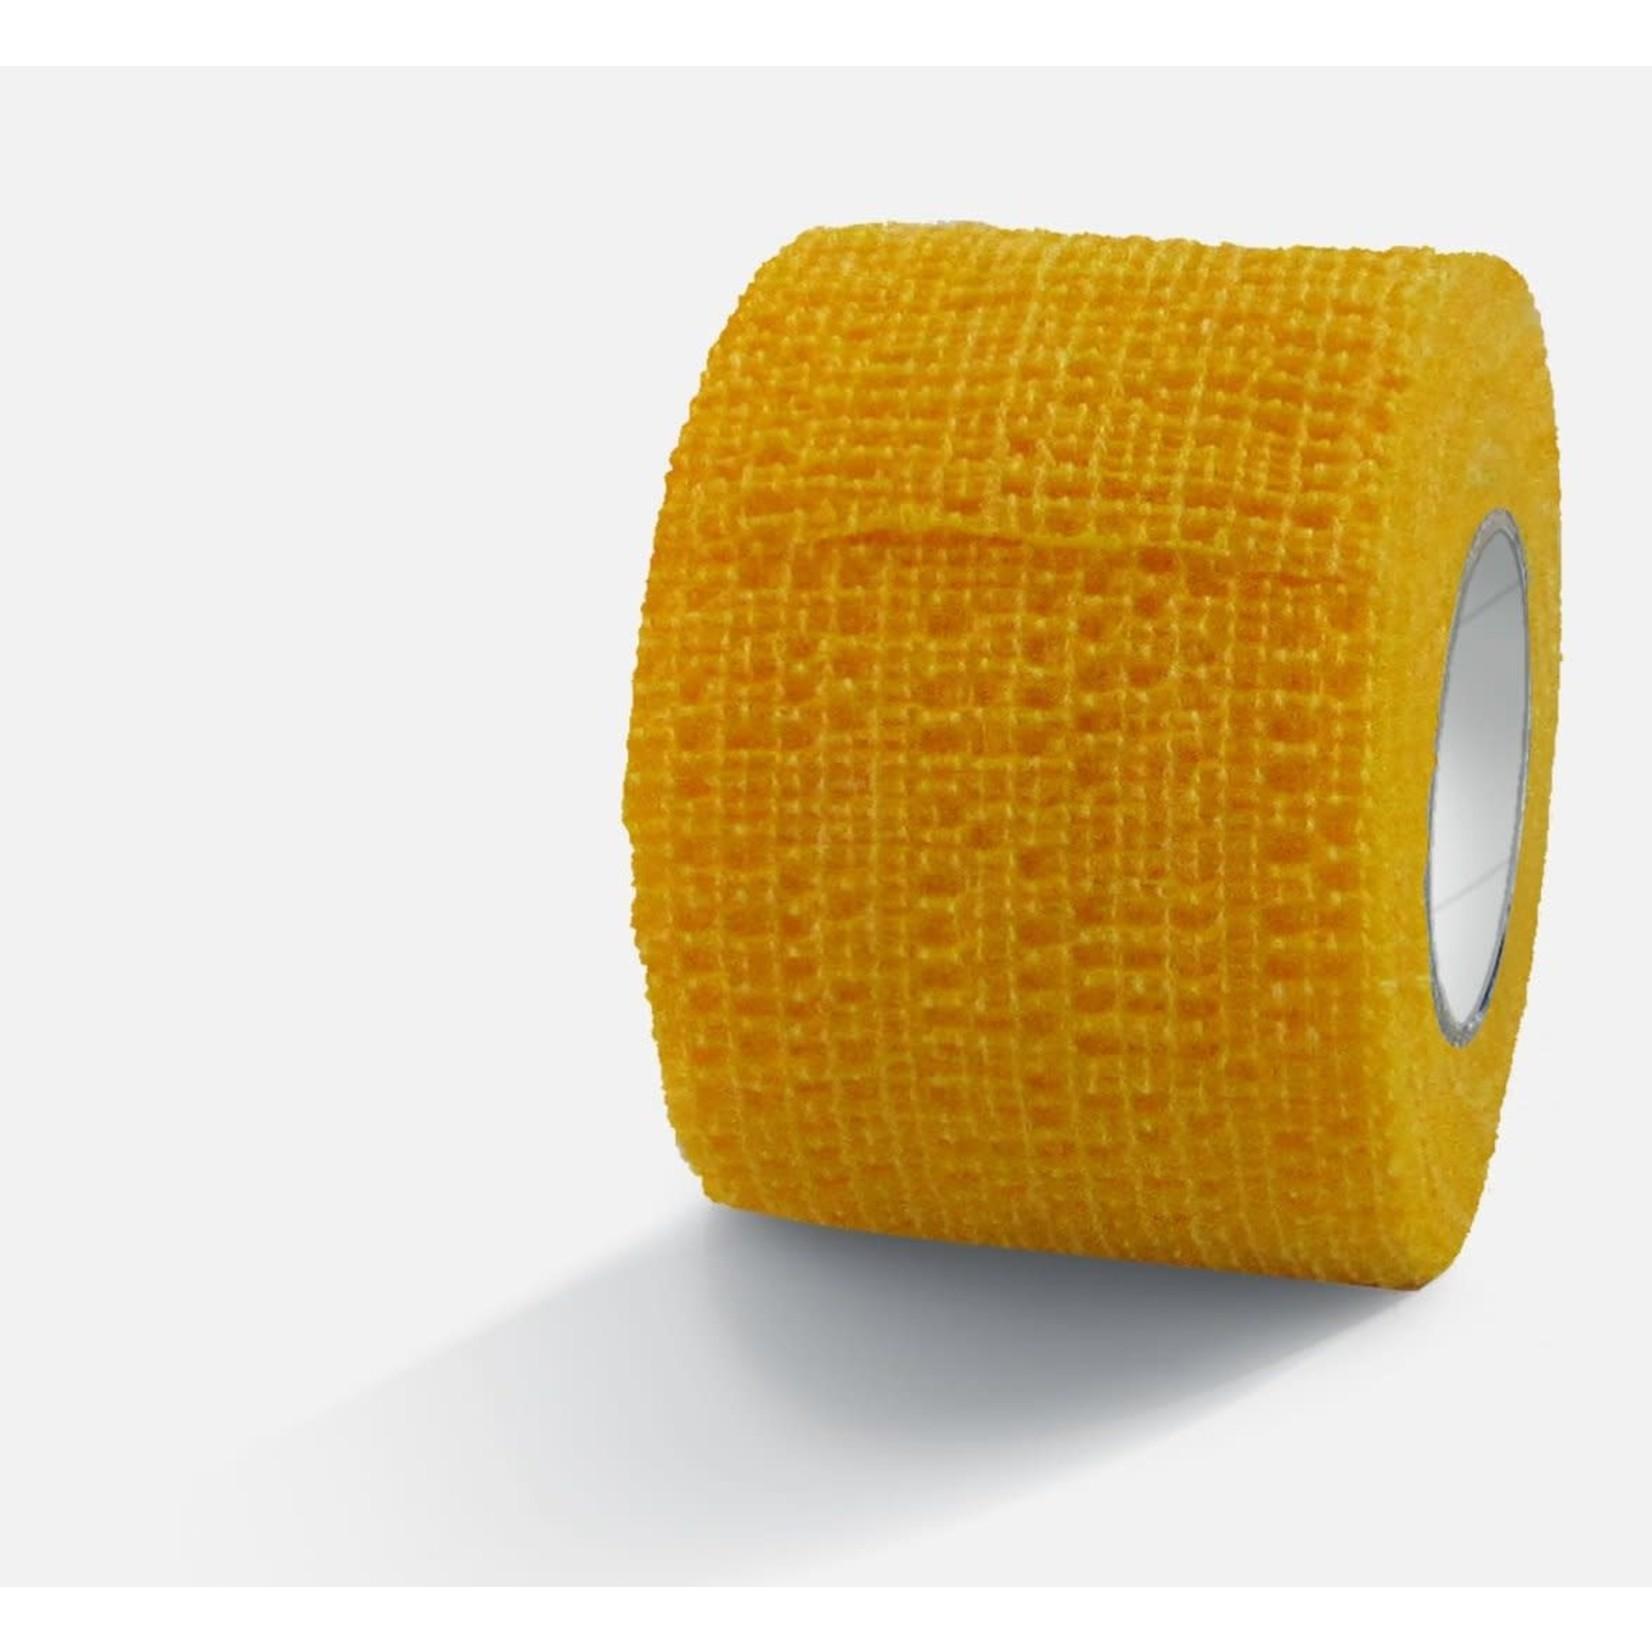 PowerFlex Hockey Stick Grip Tape